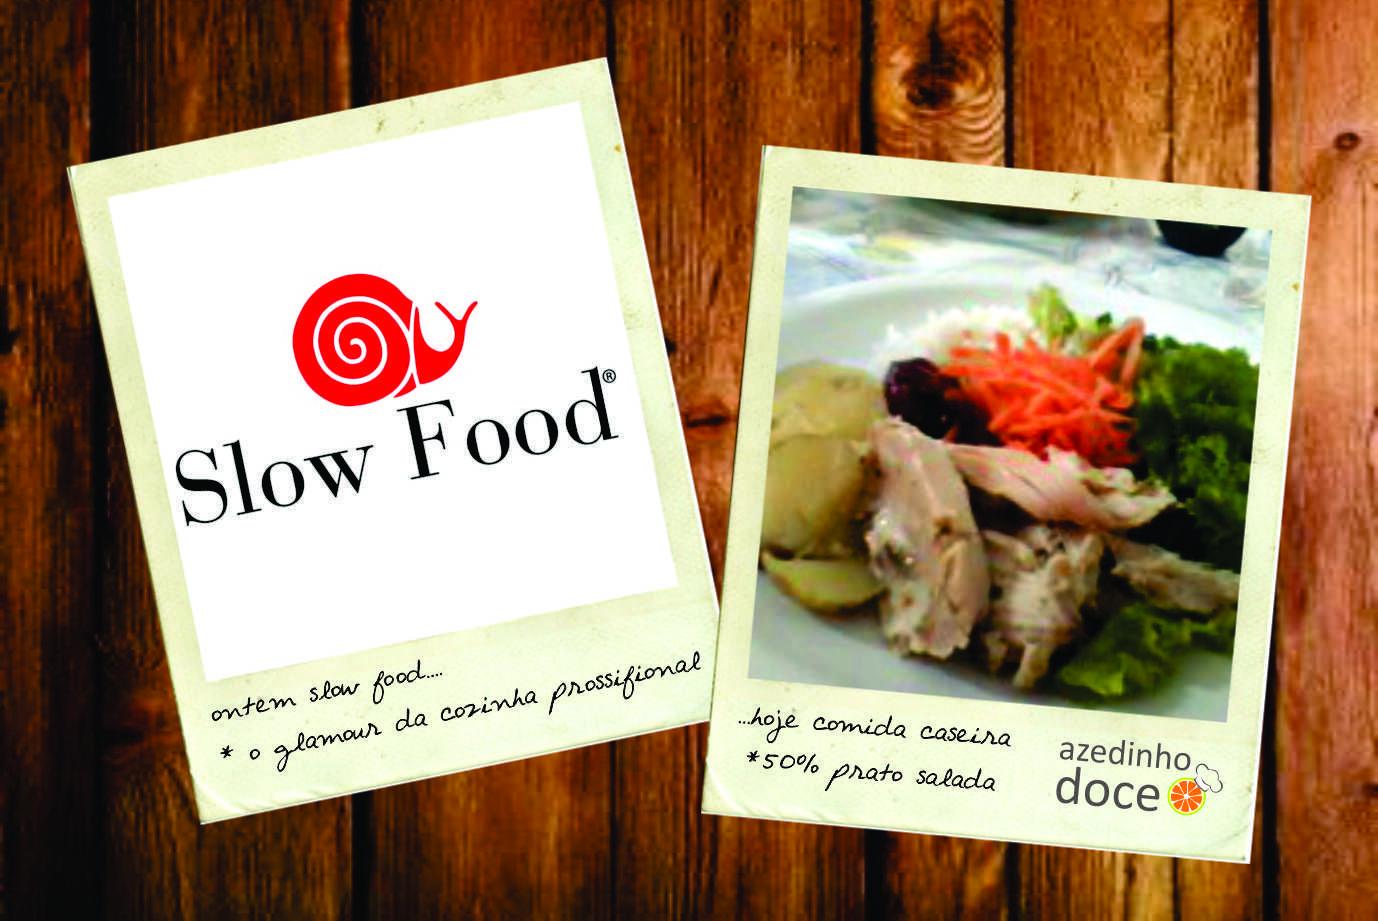 """Cozinhando em casa, com os ingredientes comuns sem o glamour dos """"importados'', pode-se se obter resultados excelentes !!!!"""